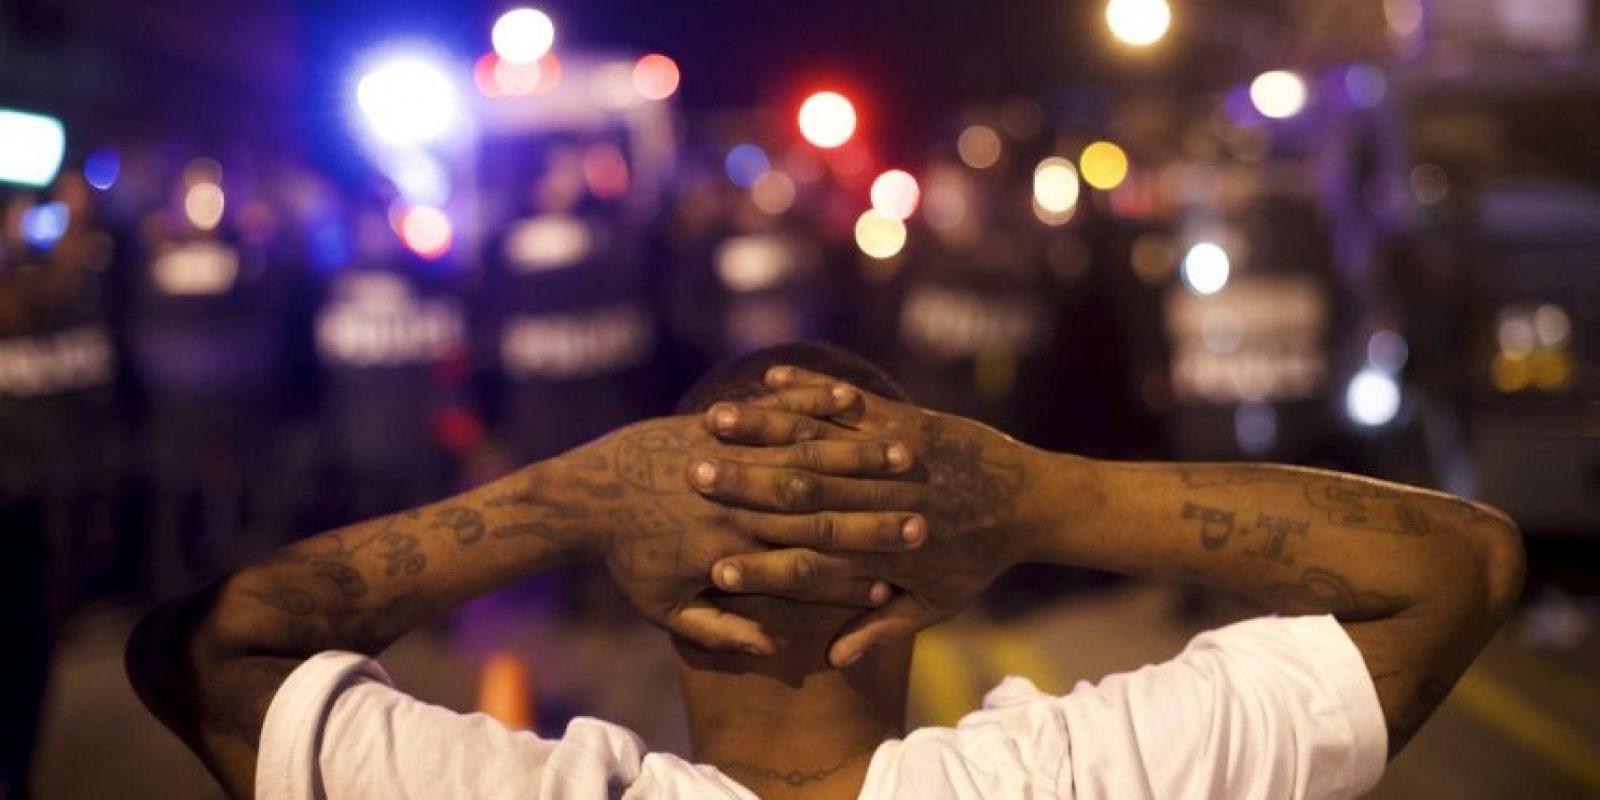 Distintos casos de abuso de autoridad policial se han presentado en Estados Unidos. Foto:Getty Images